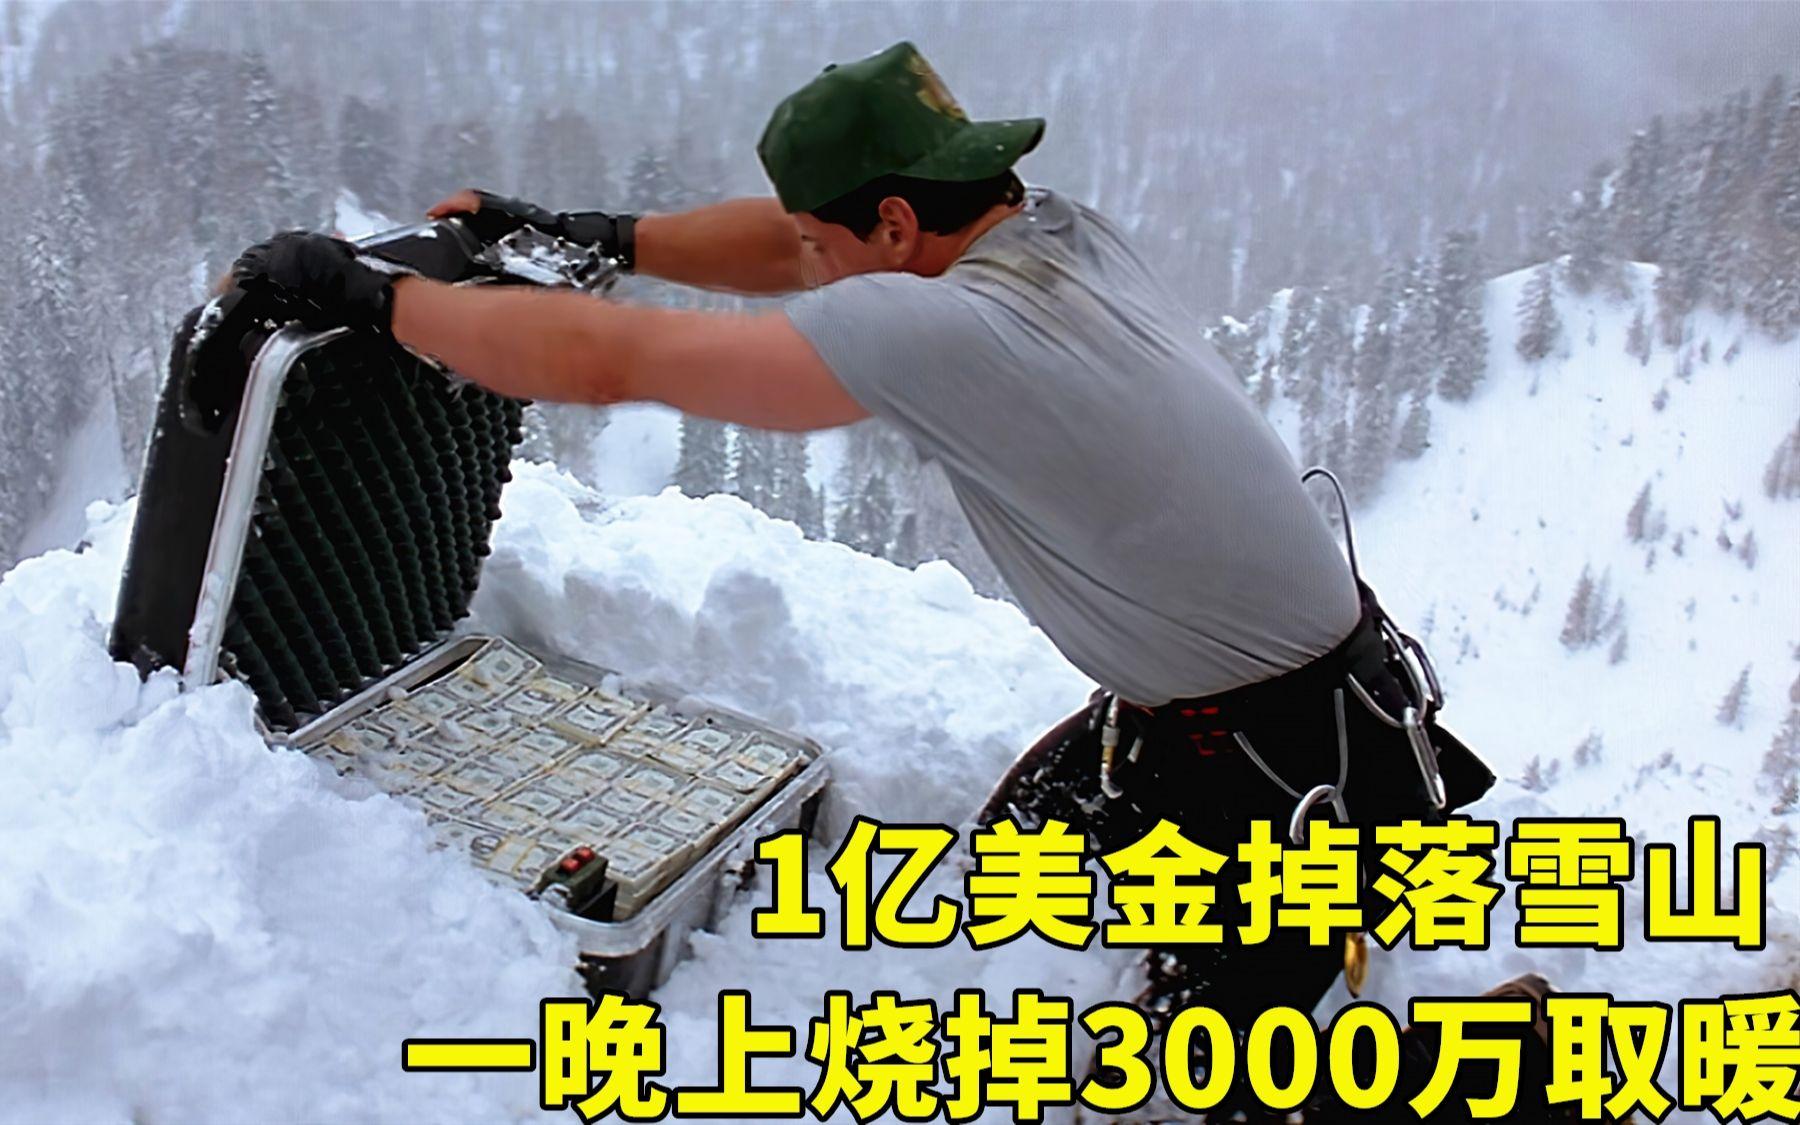 飞机万米高空被劫,1亿美金跌落雪山,为了取暖一夜烧掉3000万